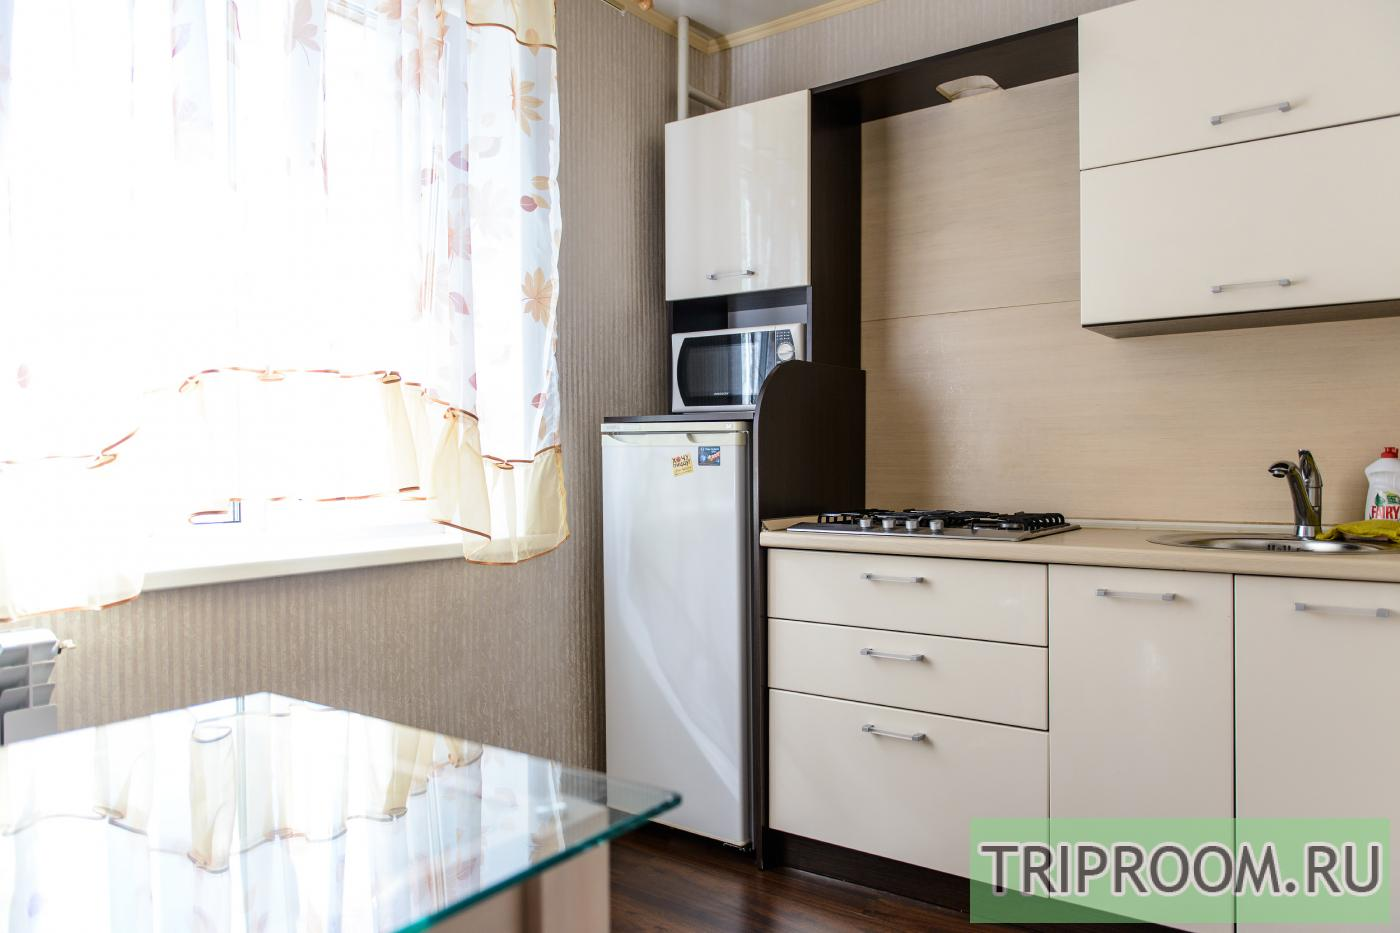 1-комнатная квартира посуточно (вариант № 15726), ул. Свободы улица, фото № 4